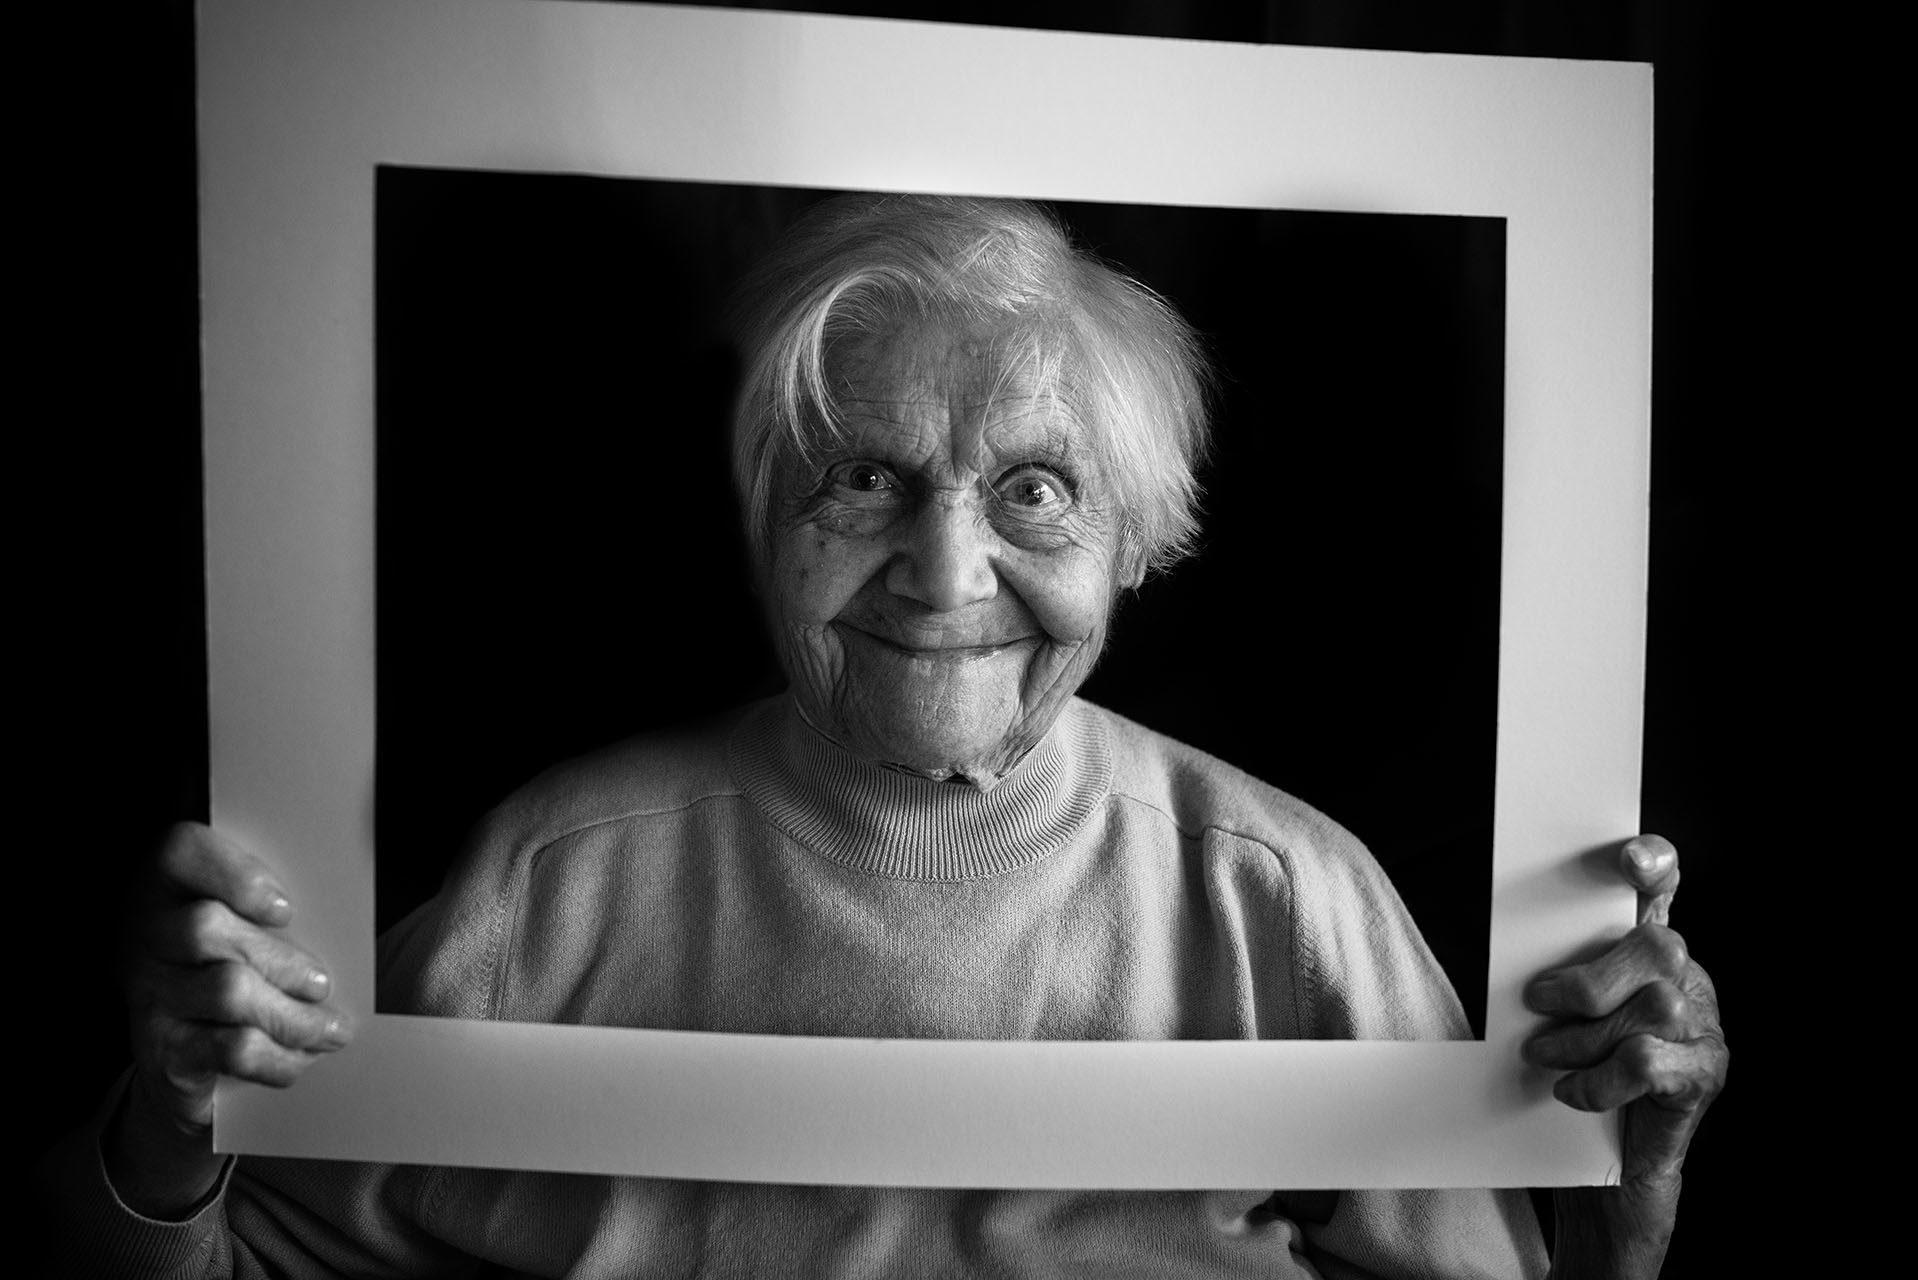 photographe-ile-de-france-portraits-projet-centenaires-et-des-roses-val-de-marne